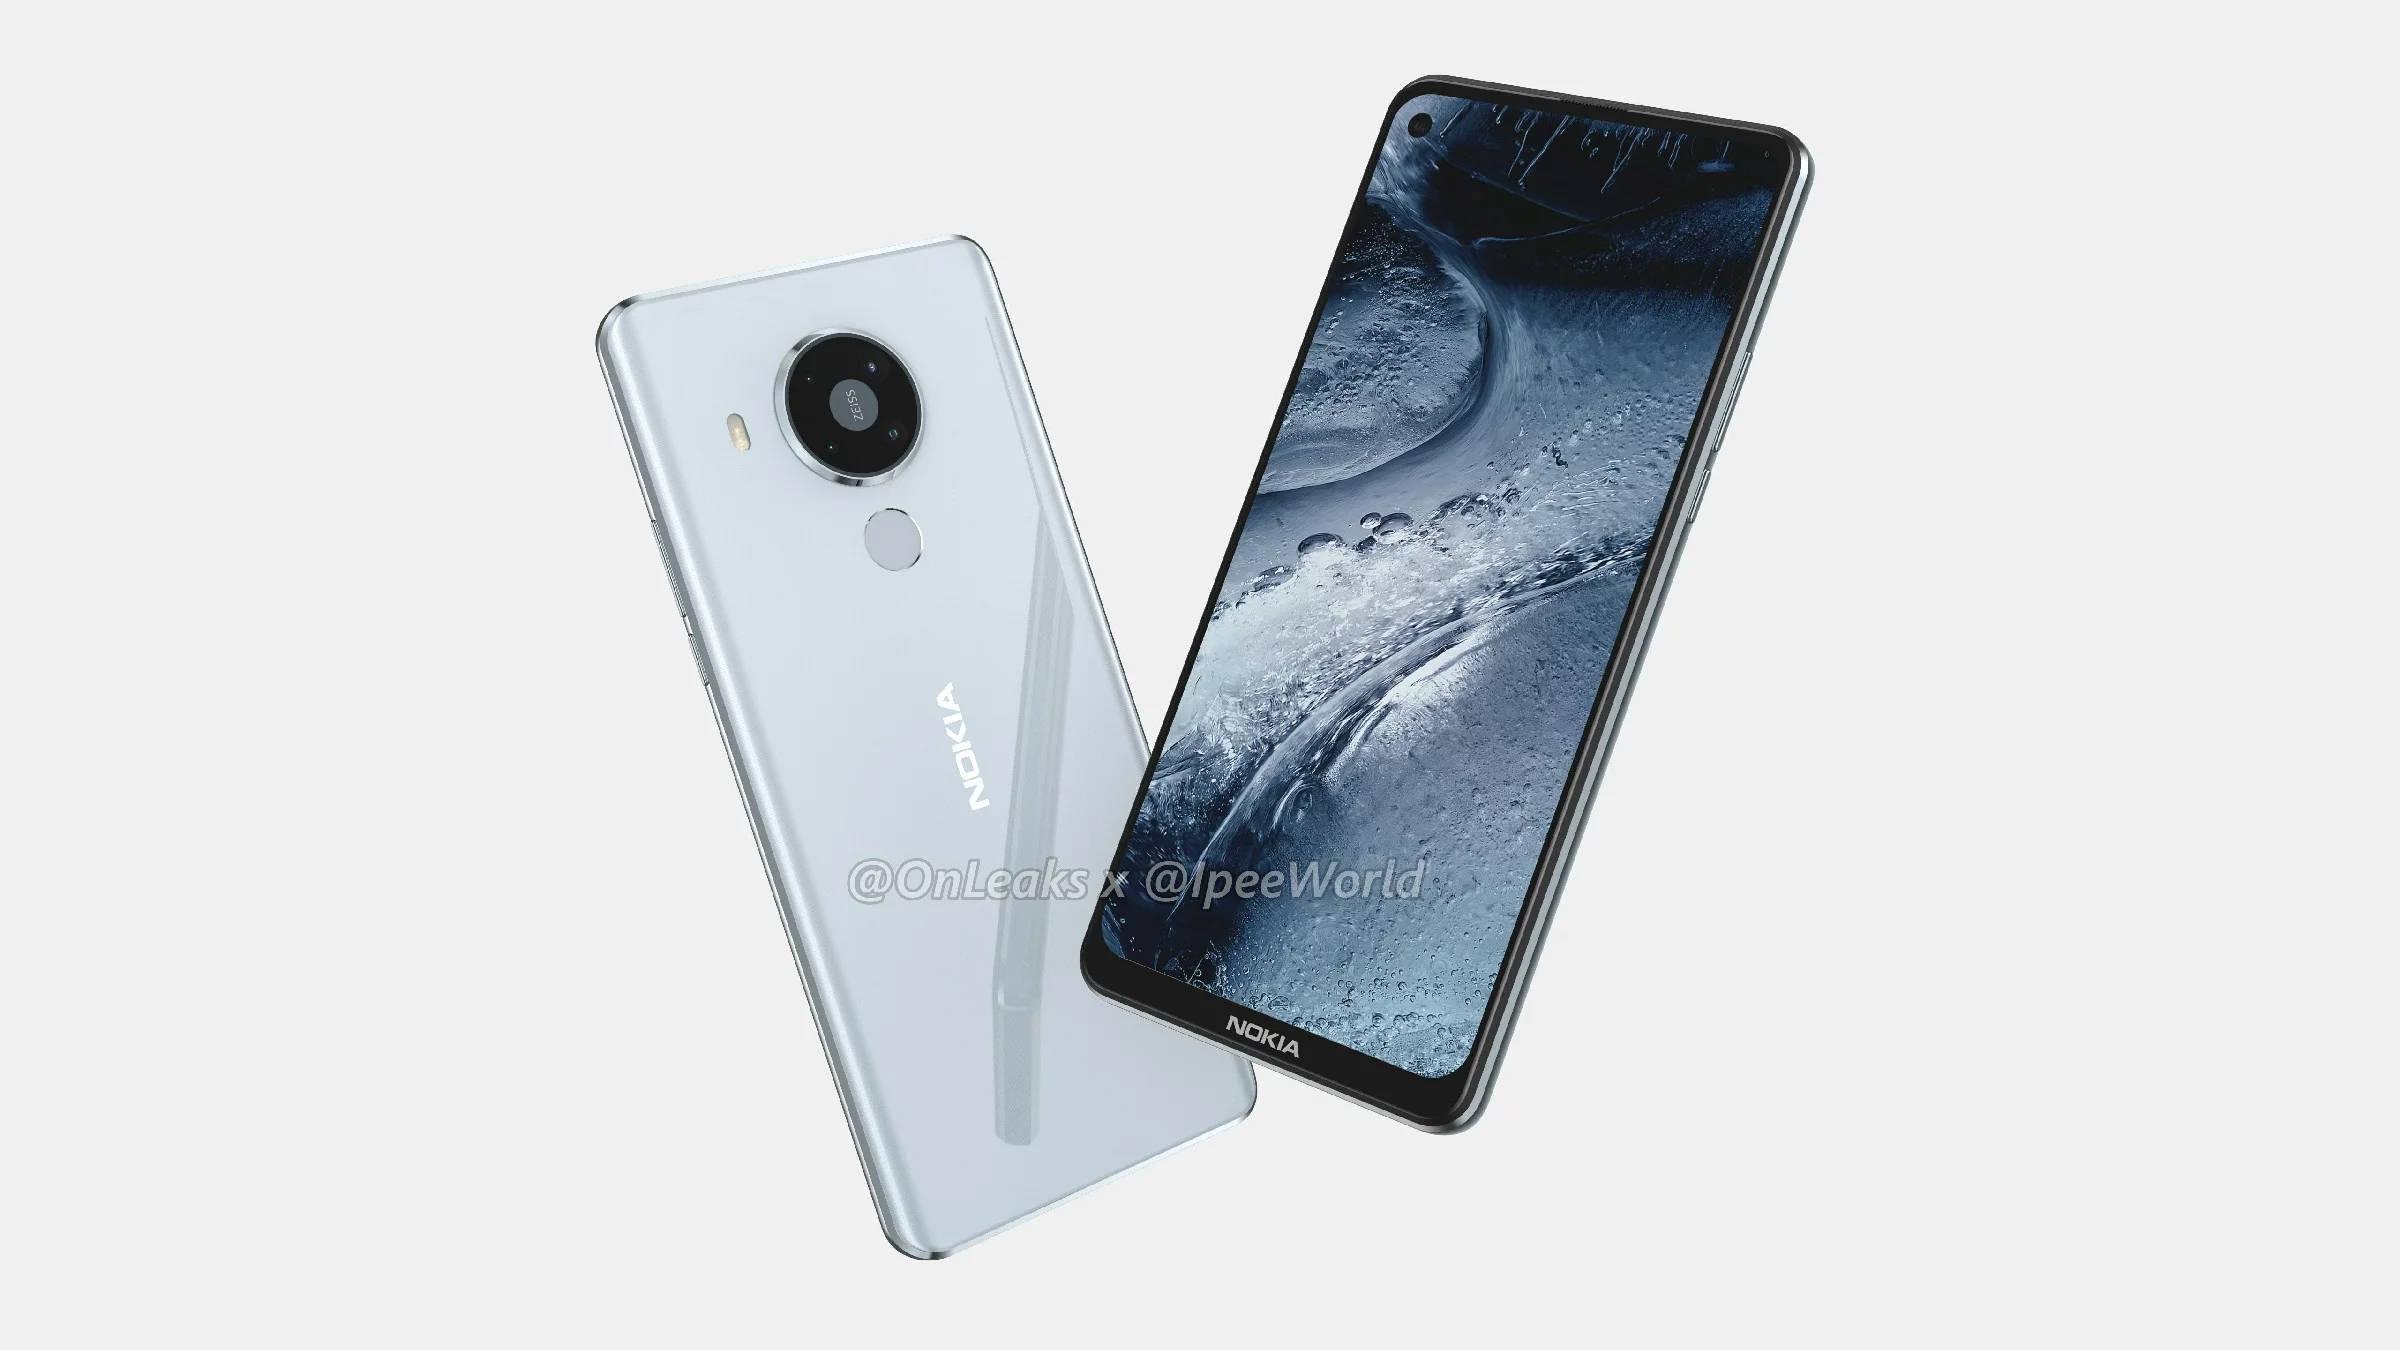 rendery Nokia 7.3 5G cena specyfikacja dane techniczne kiedy premiera